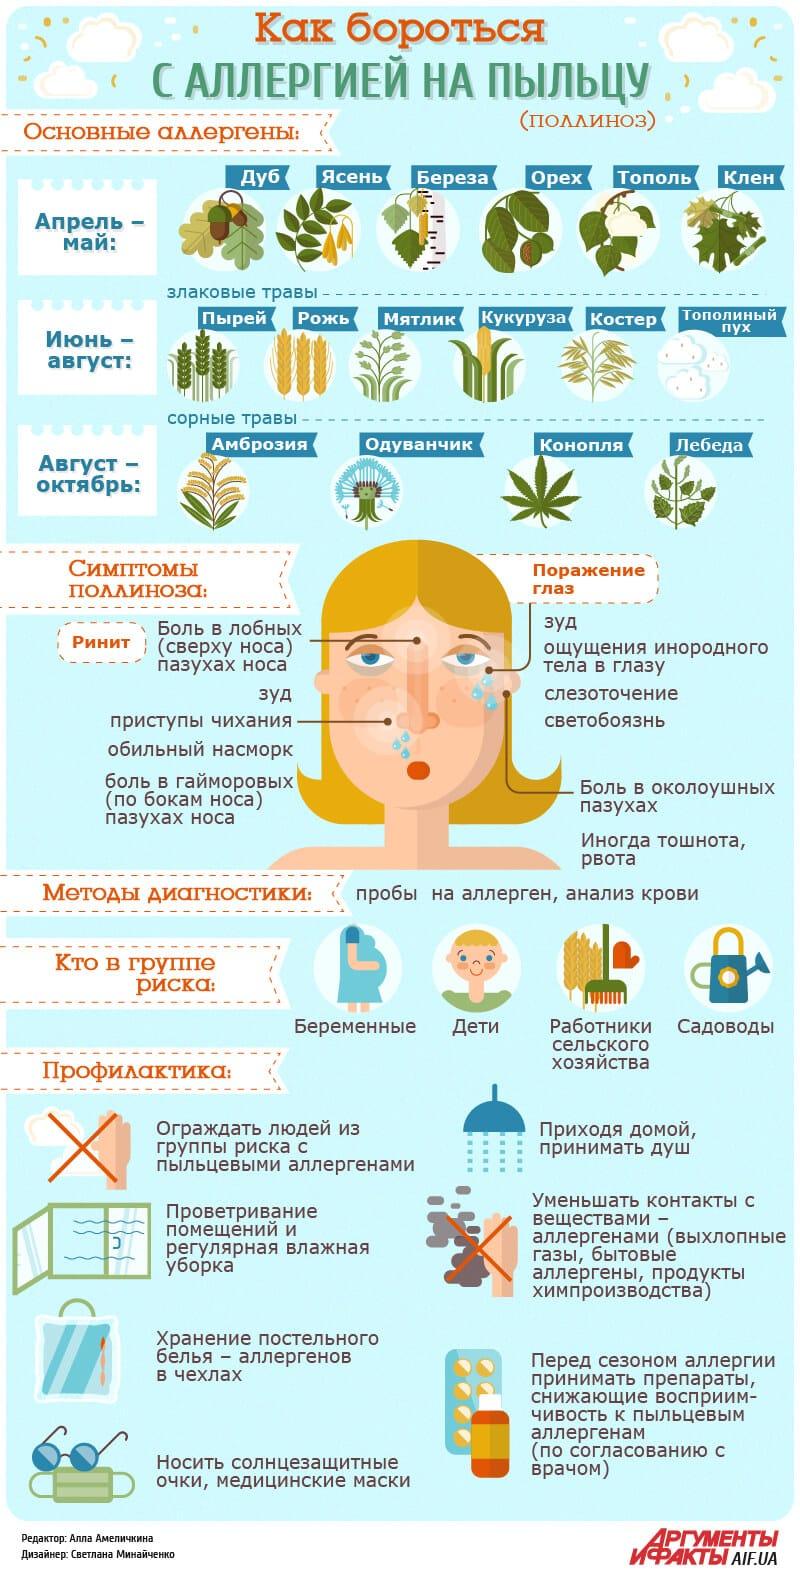 Как бороться с аллергией на пыльцу